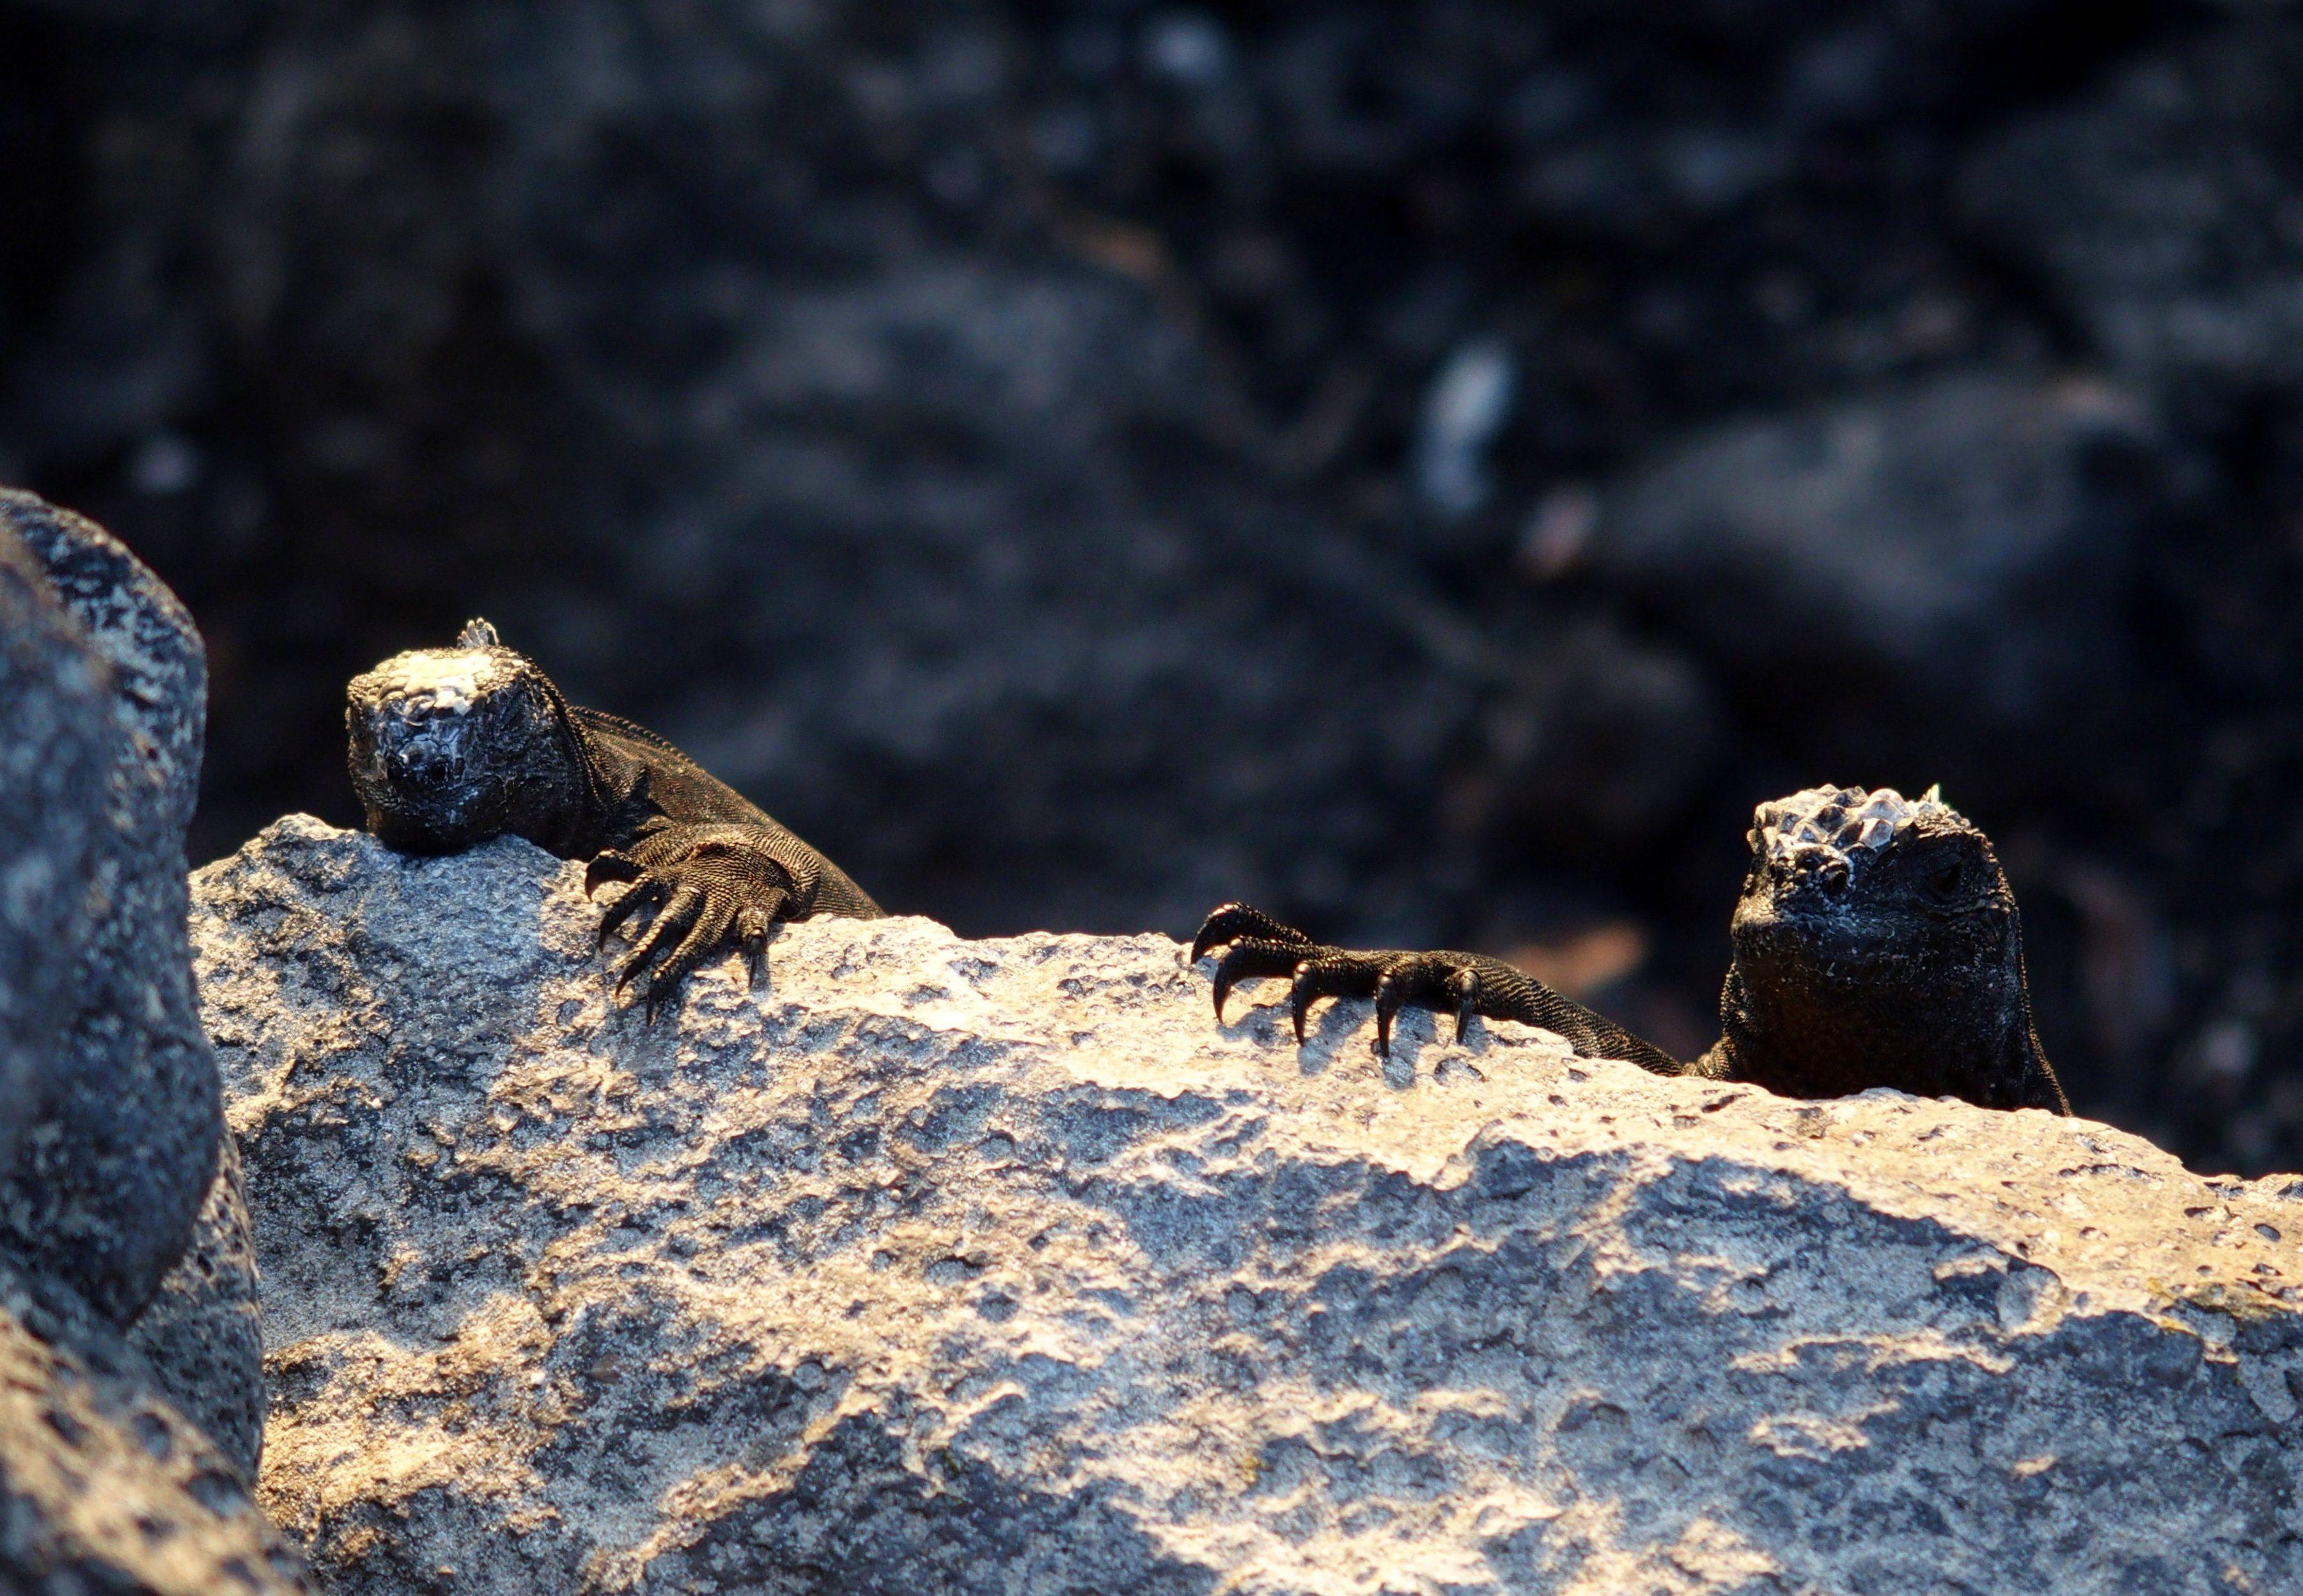 Bébés iguanes - Galapagos